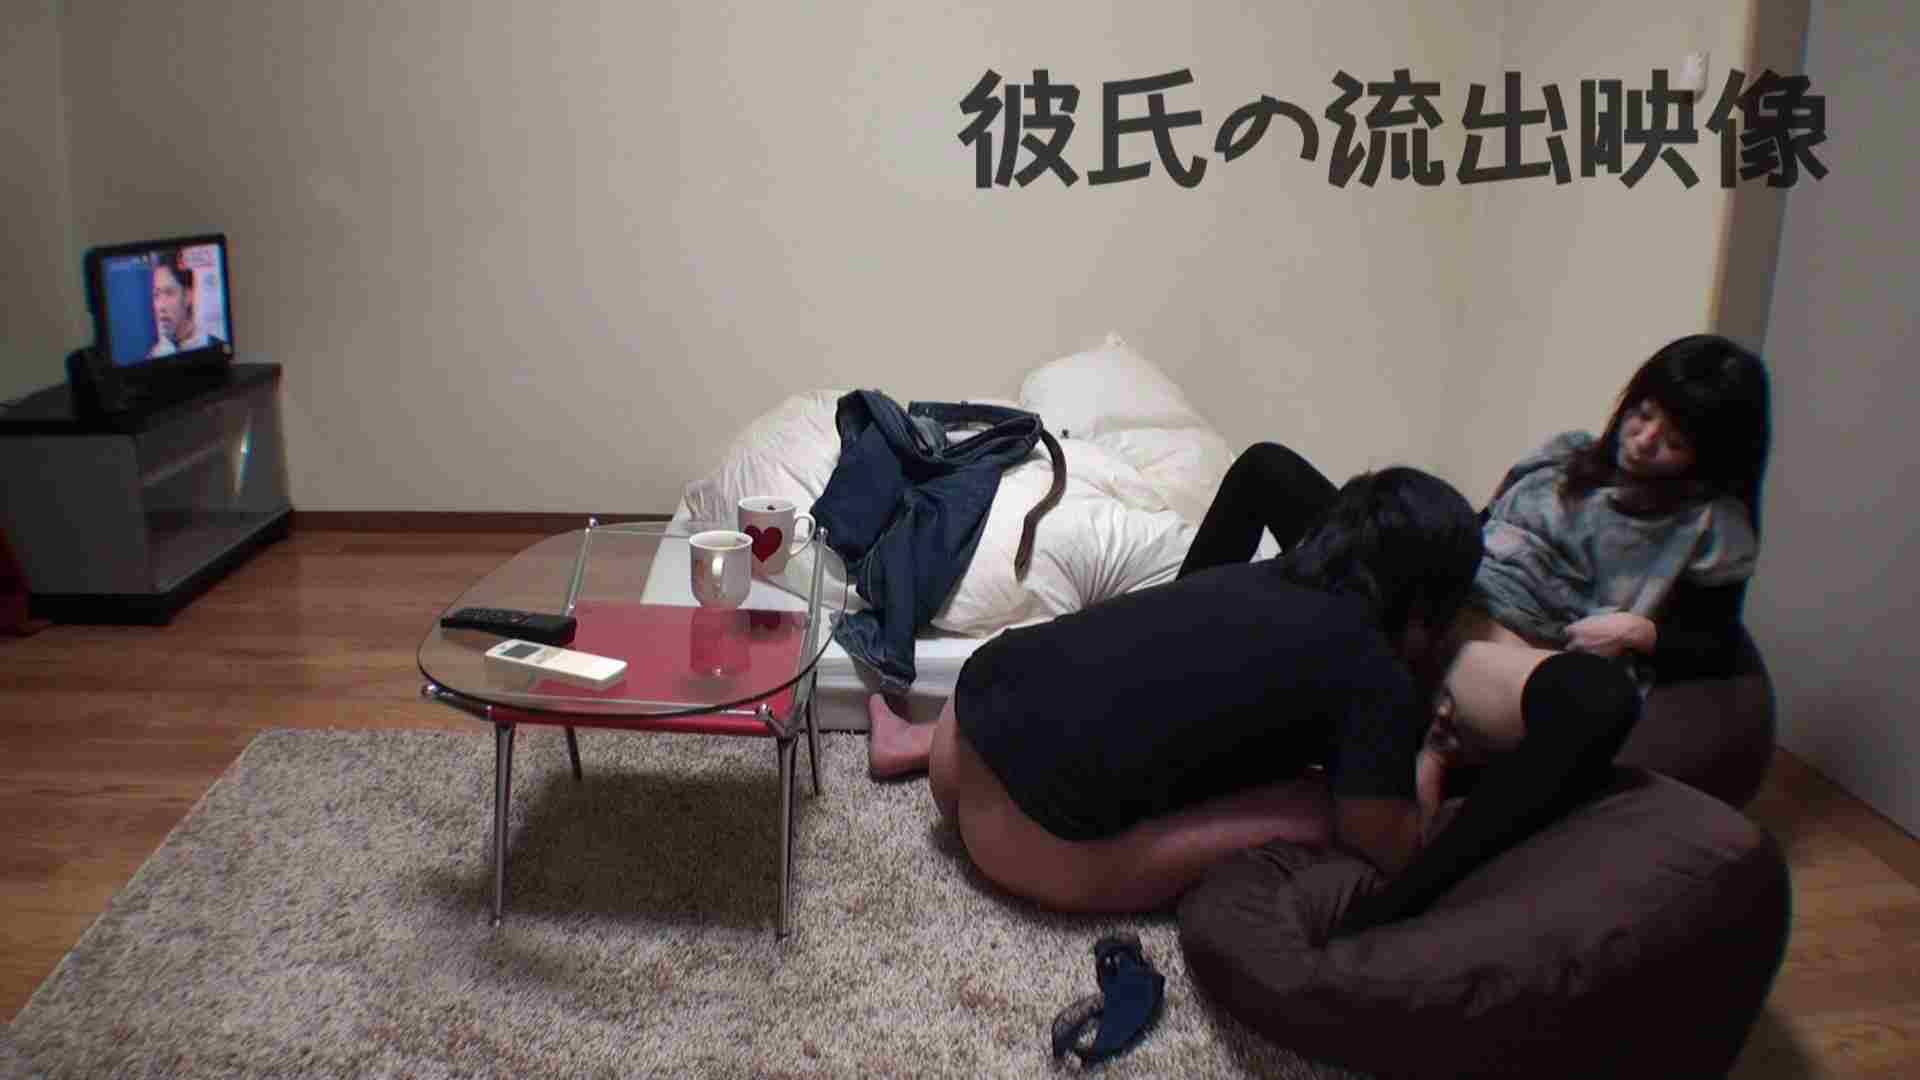 彼氏が流出 パイパン素人嬢のハメ撮り映像02 SEX映像 ヌード画像 46pic 14